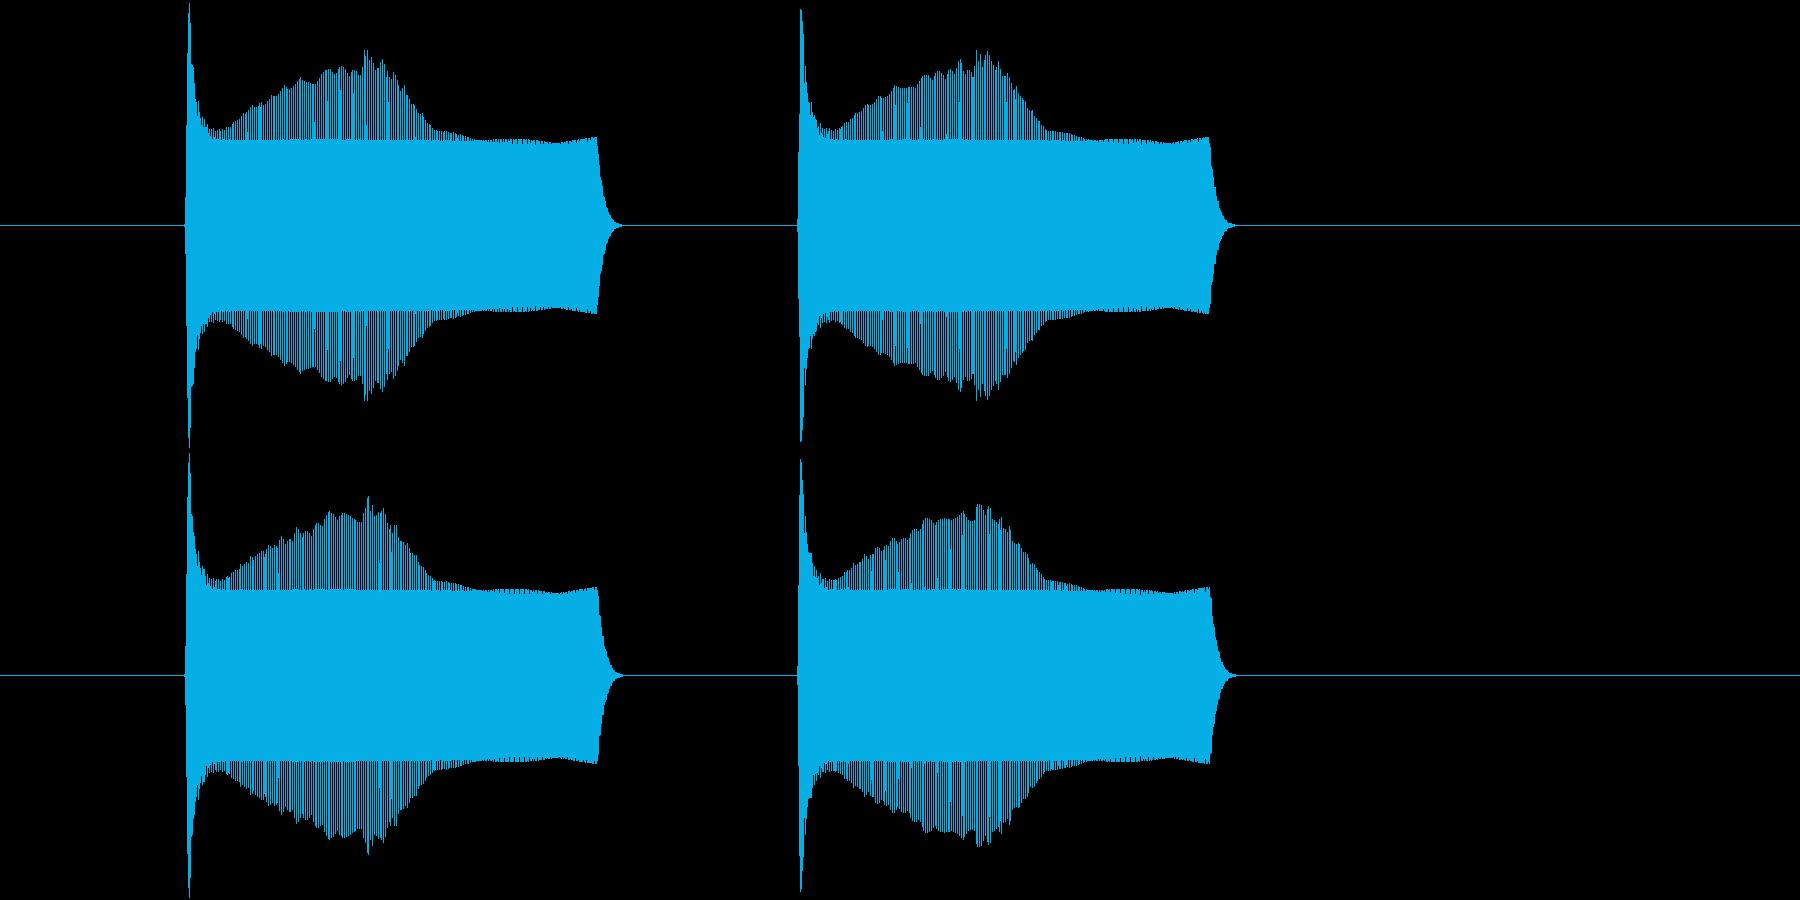 ポヨンポヨンとジャンプする音(2回)の再生済みの波形